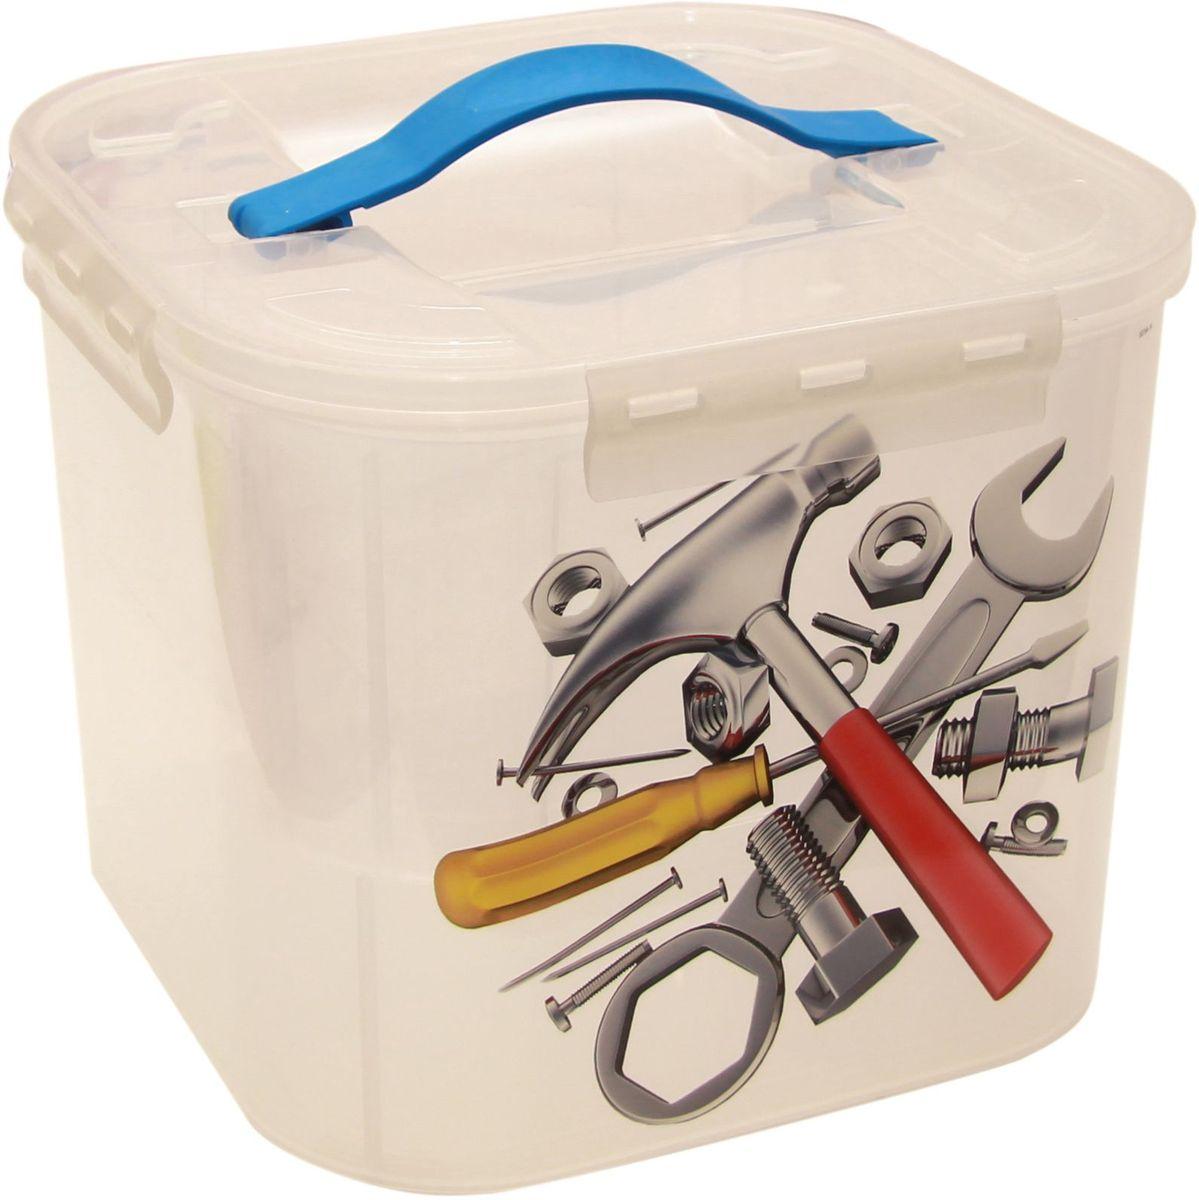 """Контейнер для хранения Idea """"Деко. Инструменты"""", 23 х 23 х 54,3 см, с вкладышем, 7 л. М 2824, Idea (М-пластика)"""